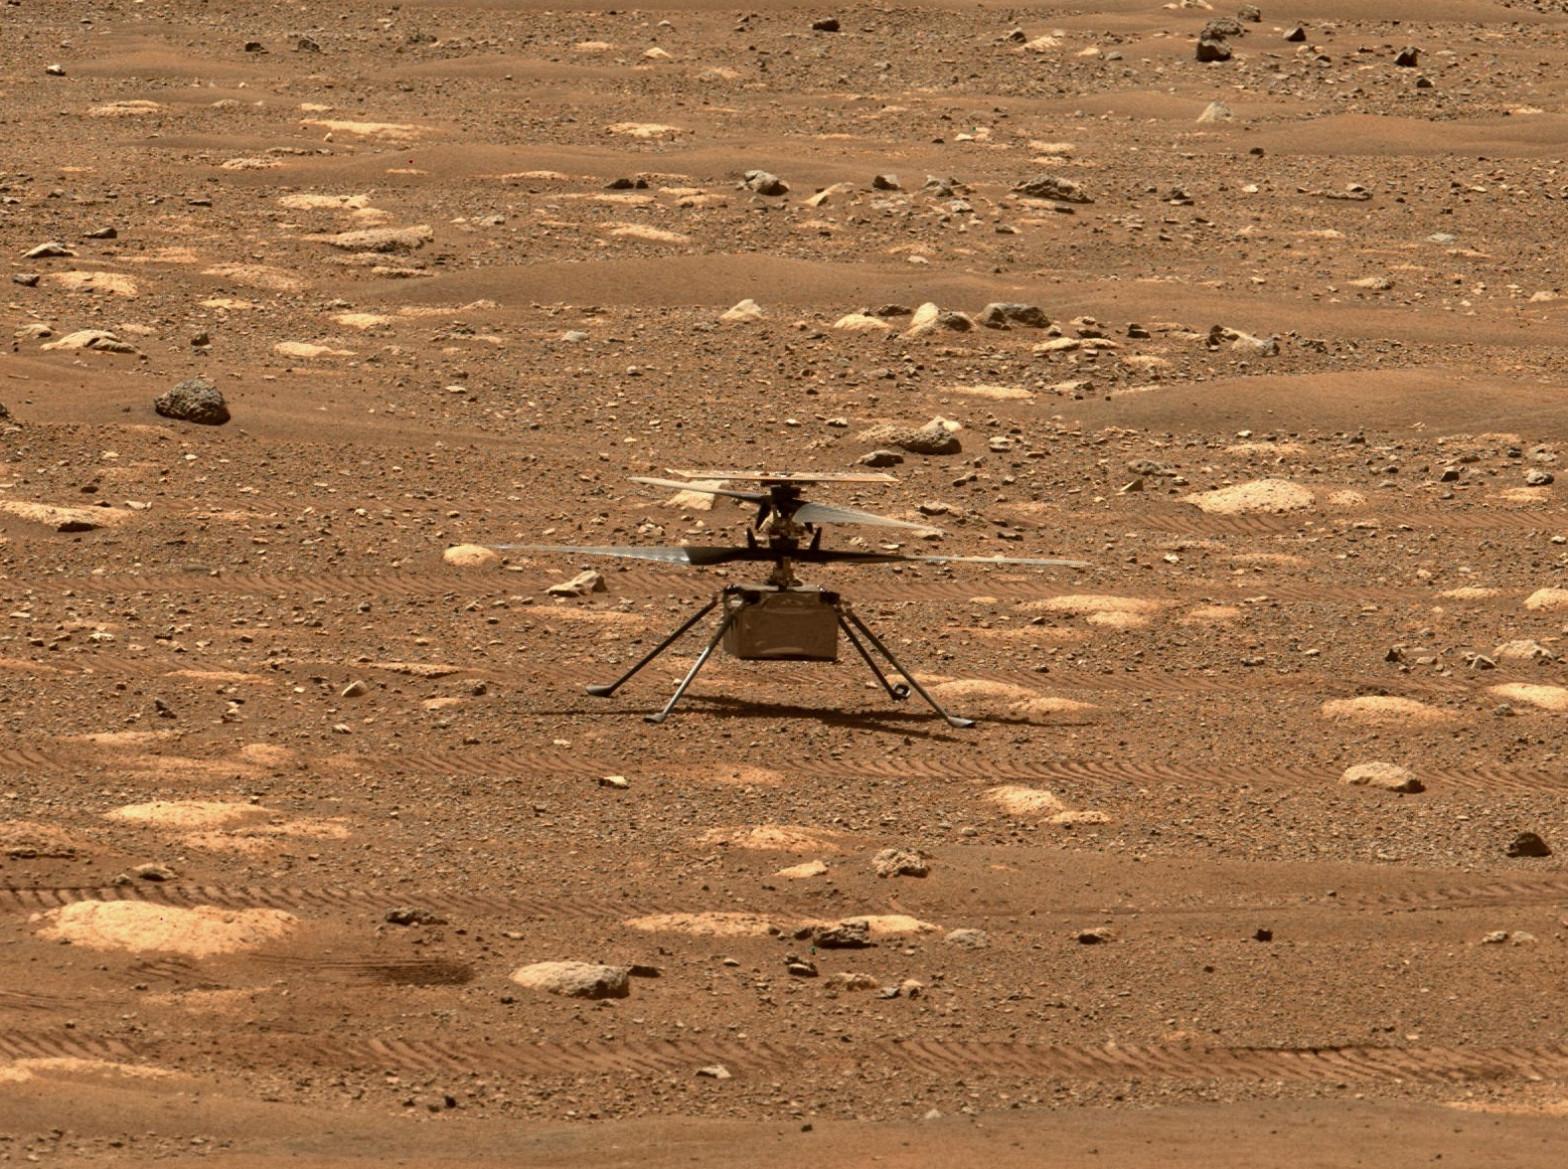 El helicóptero Ingenuity hace historia tras primer vuelo en marte